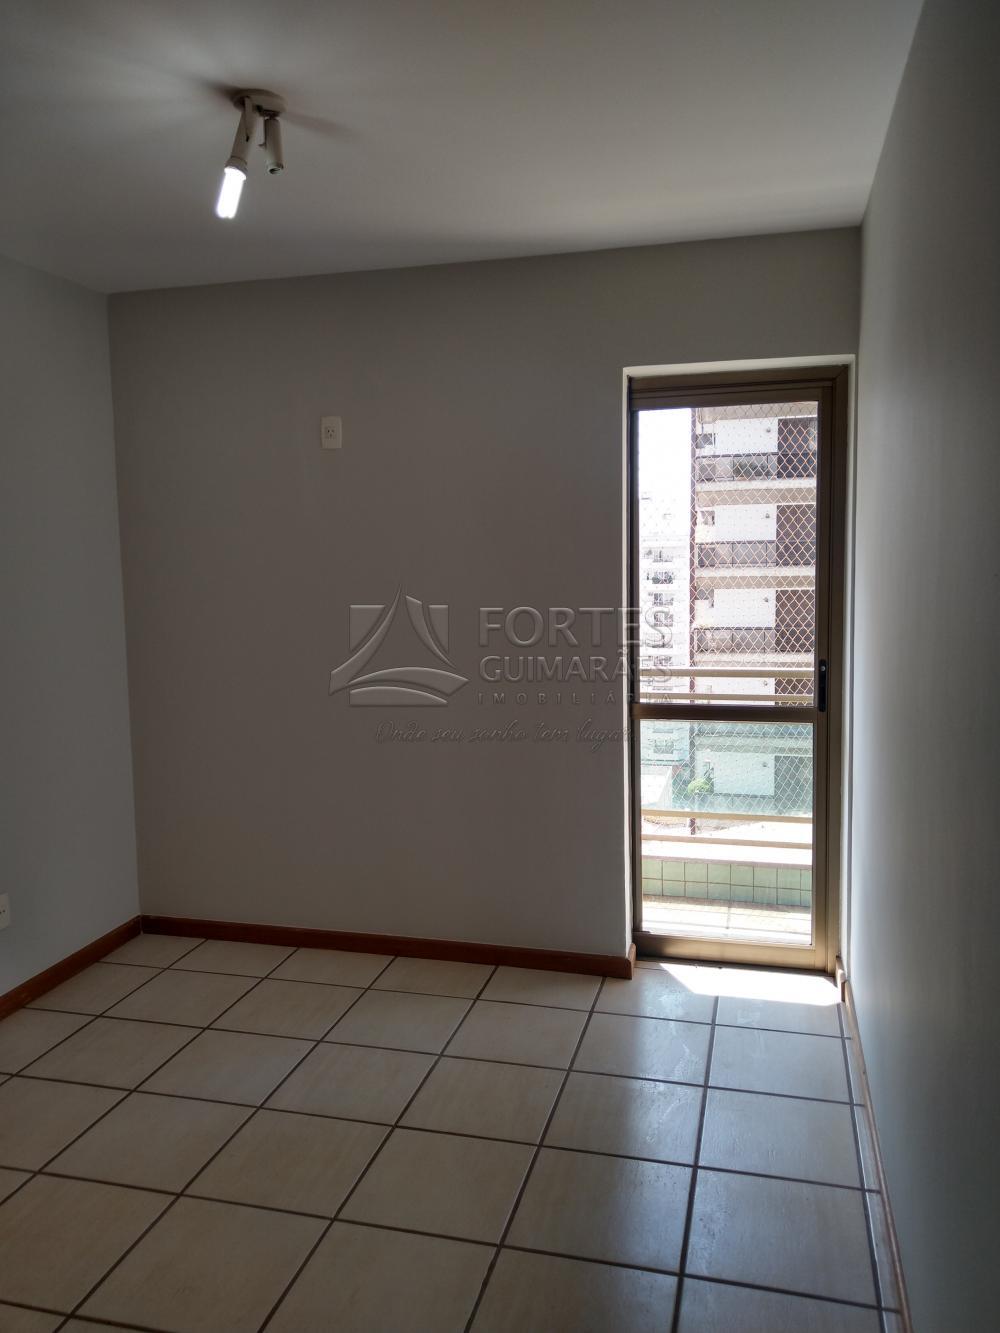 Alugar Apartamentos / Padrão em Ribeirão Preto apenas R$ 1.600,00 - Foto 52